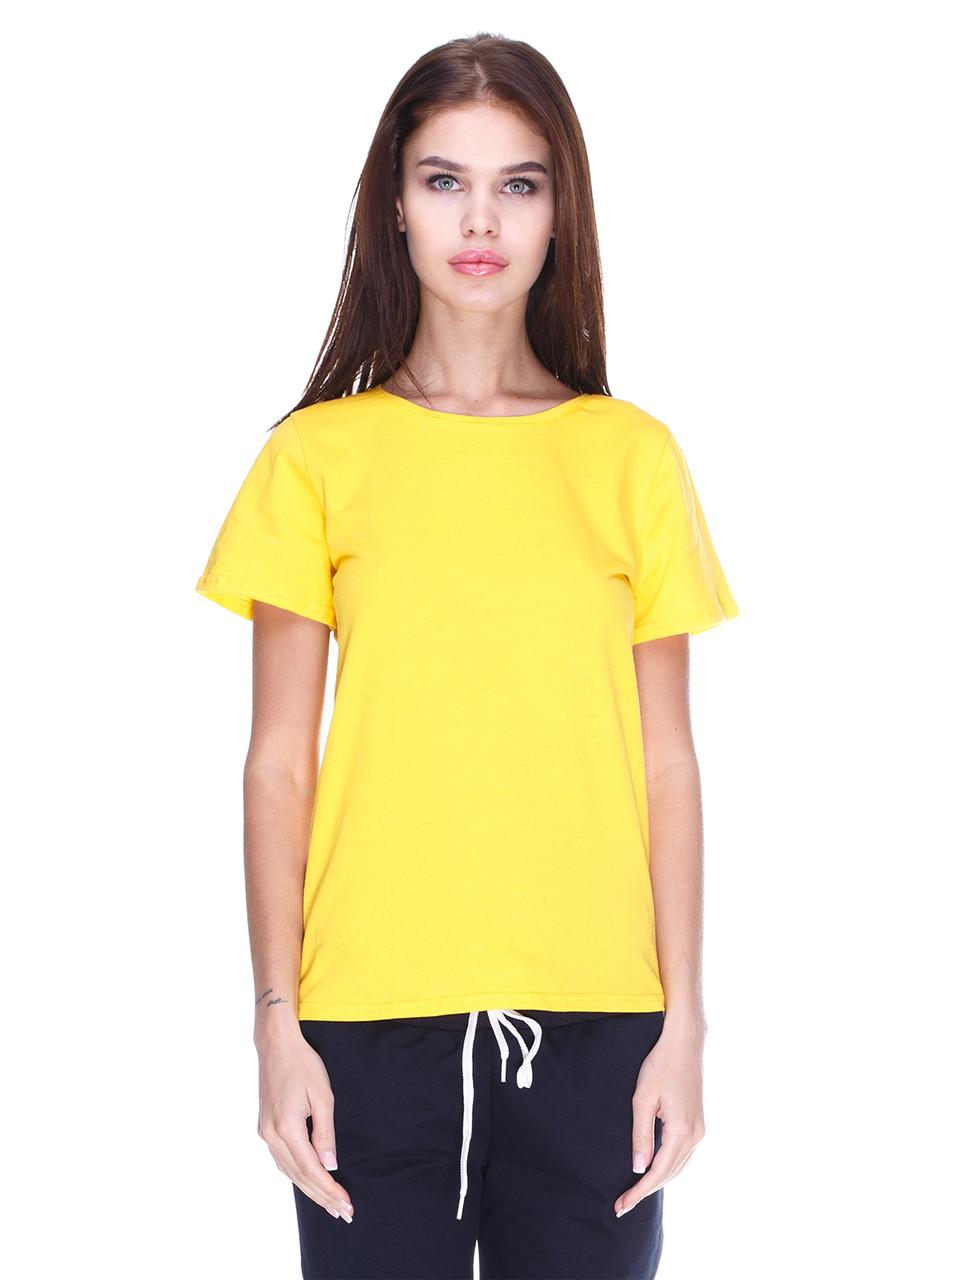 Футболка жіноча, жовта